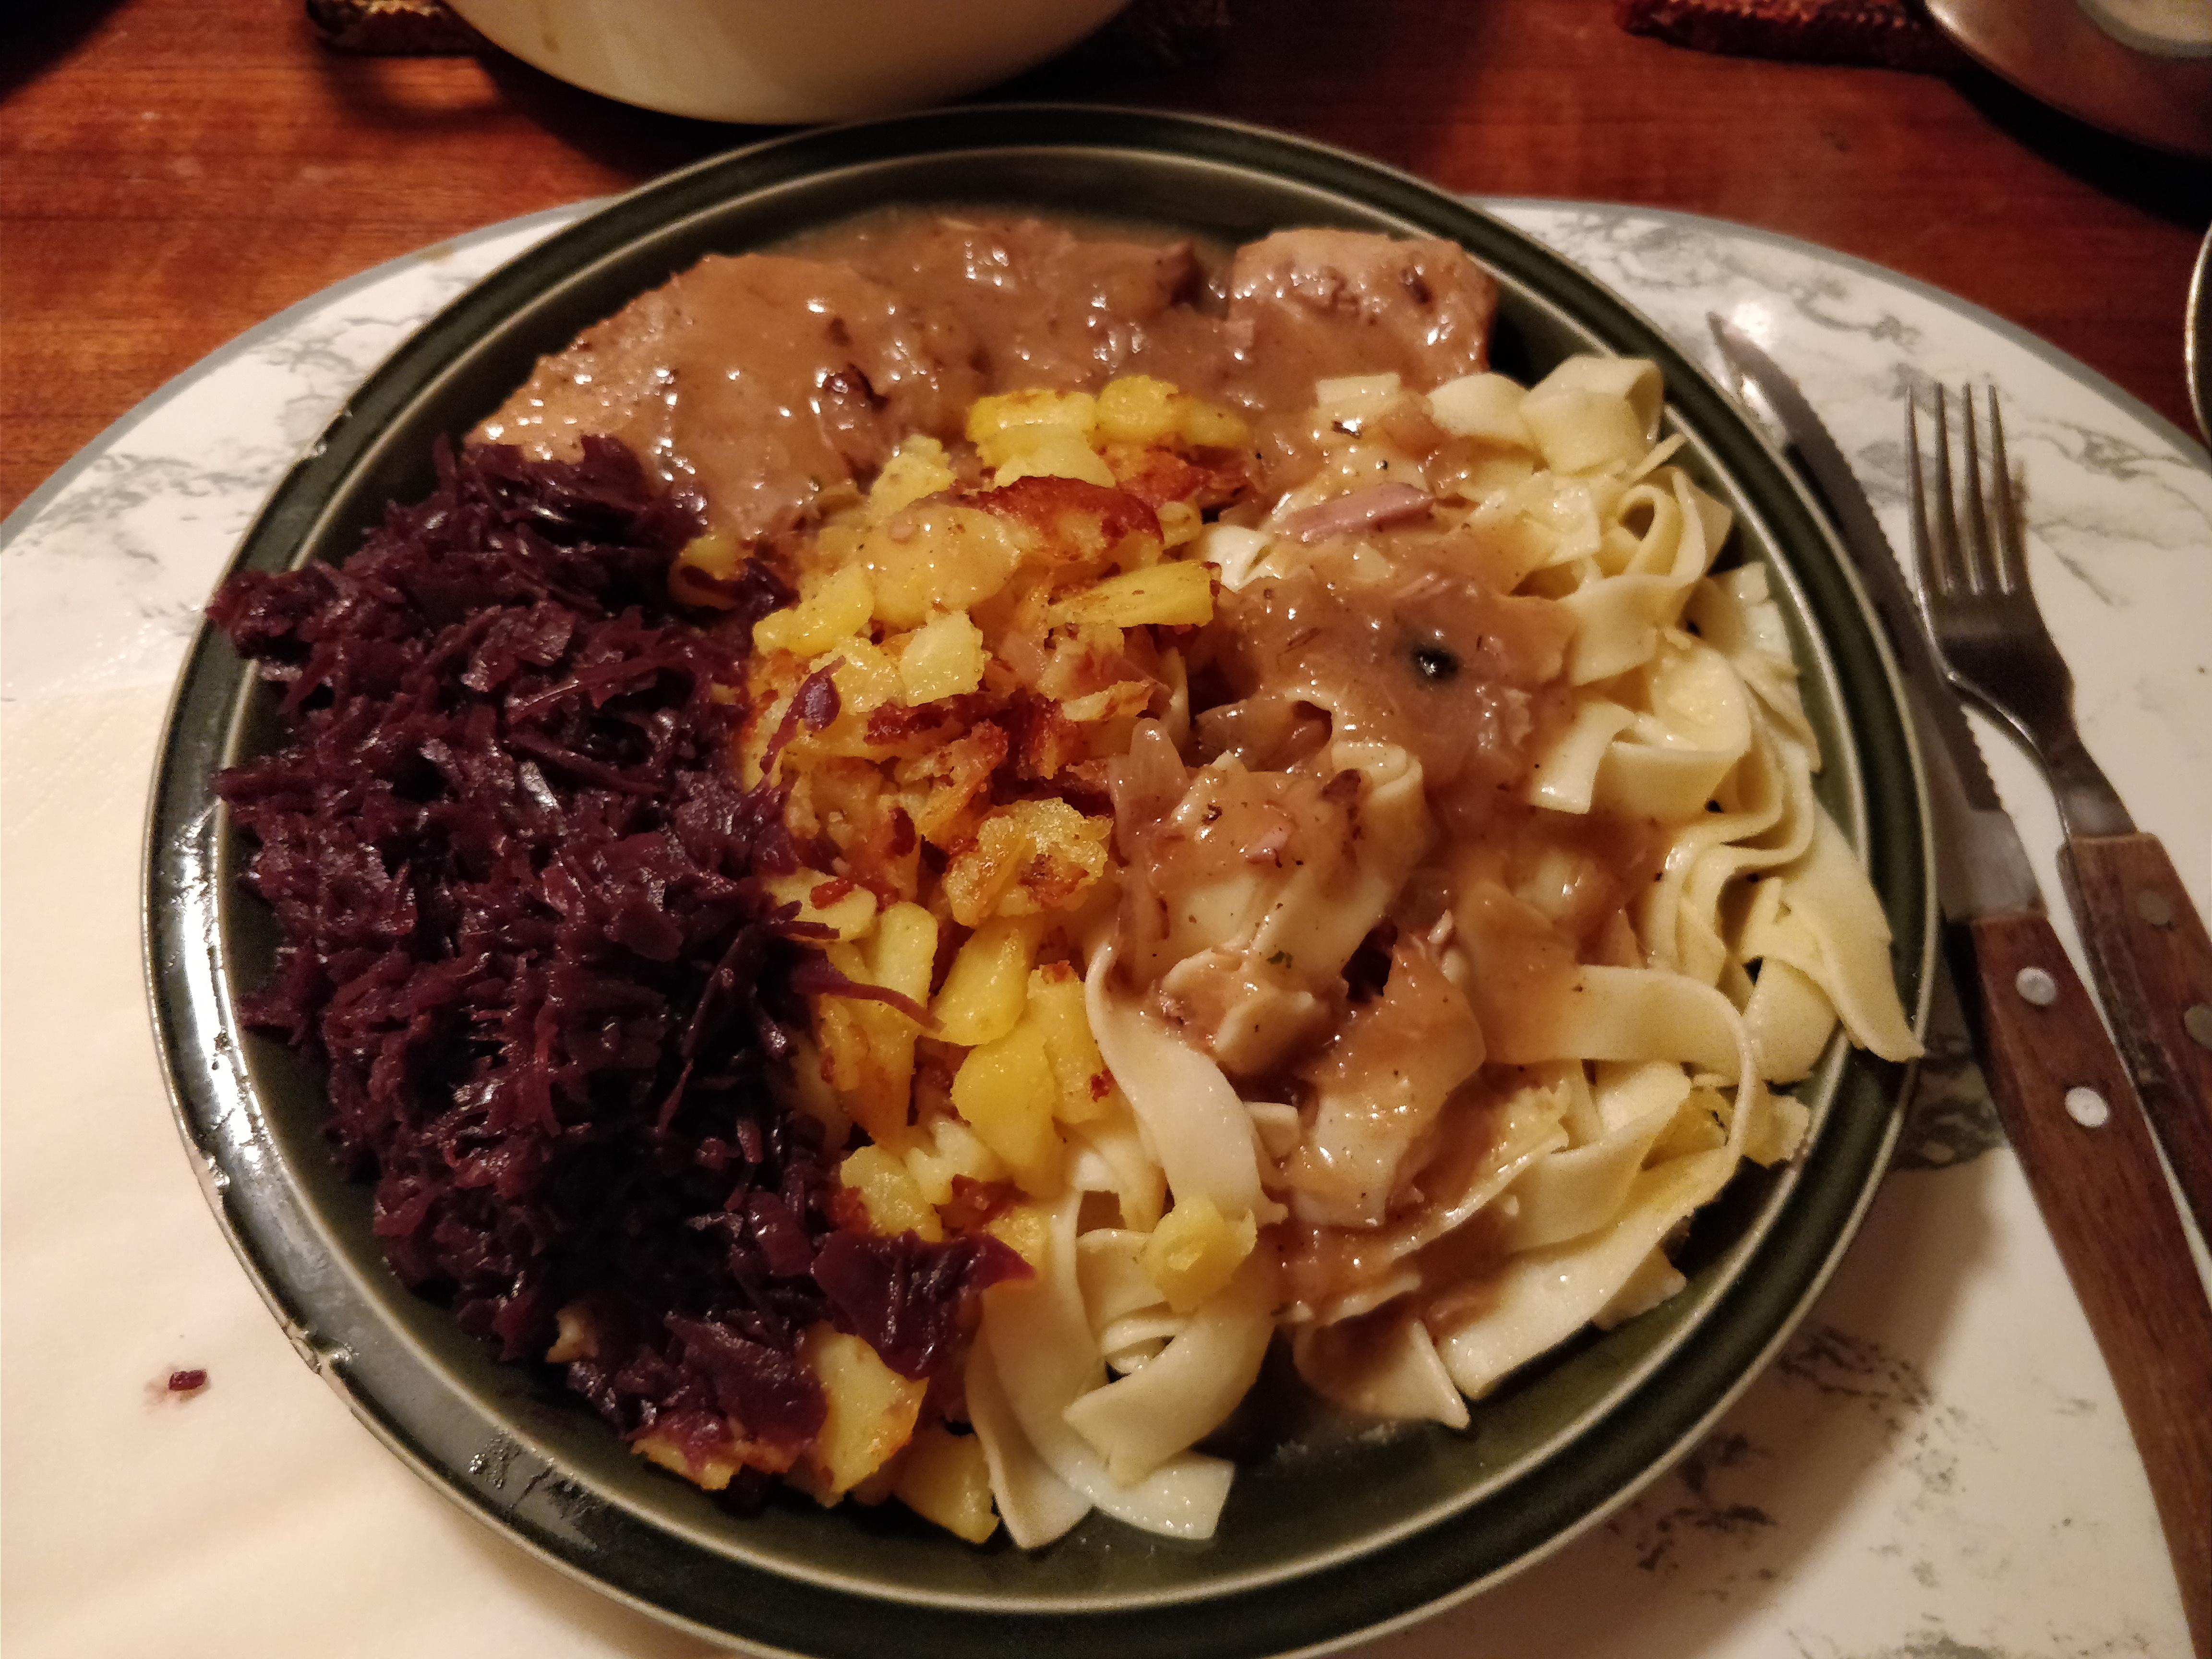 https://foodloader.net/nico_2017-08-30_schweinebraten-nudeln-bratkartoffeln-rotkraut.jpg